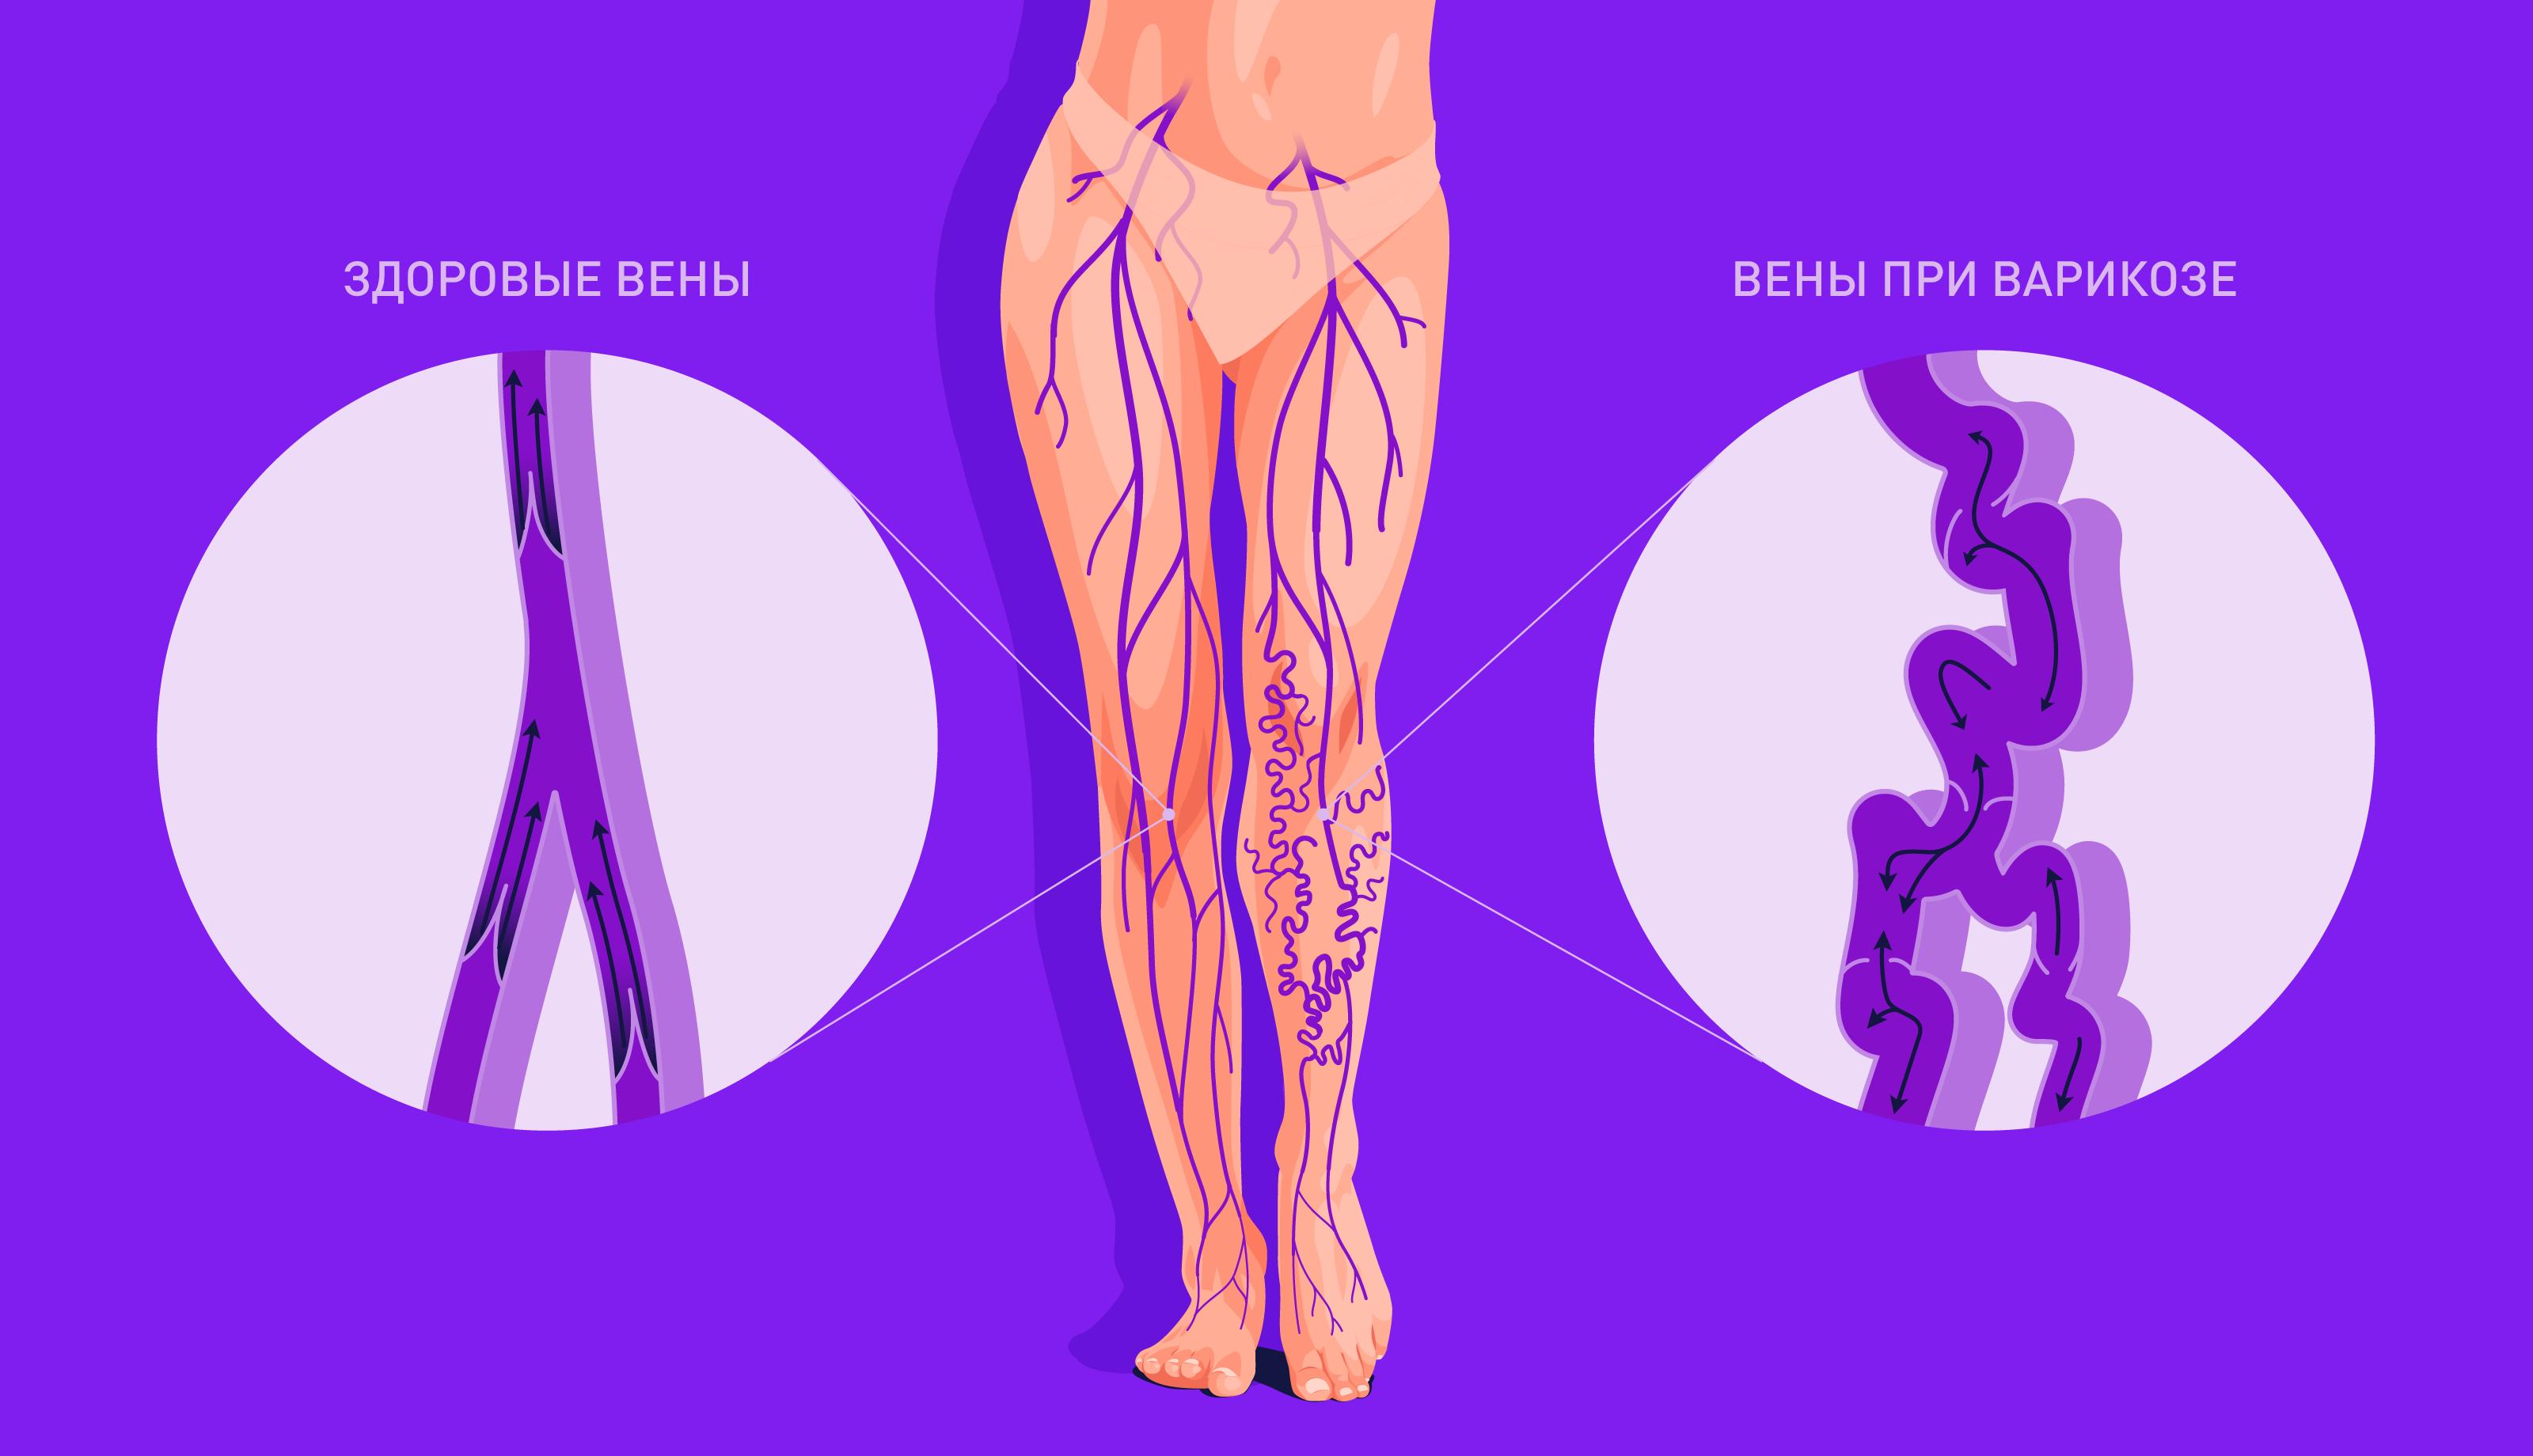 Варикоз: симптомы и причины варикозного расширения вен